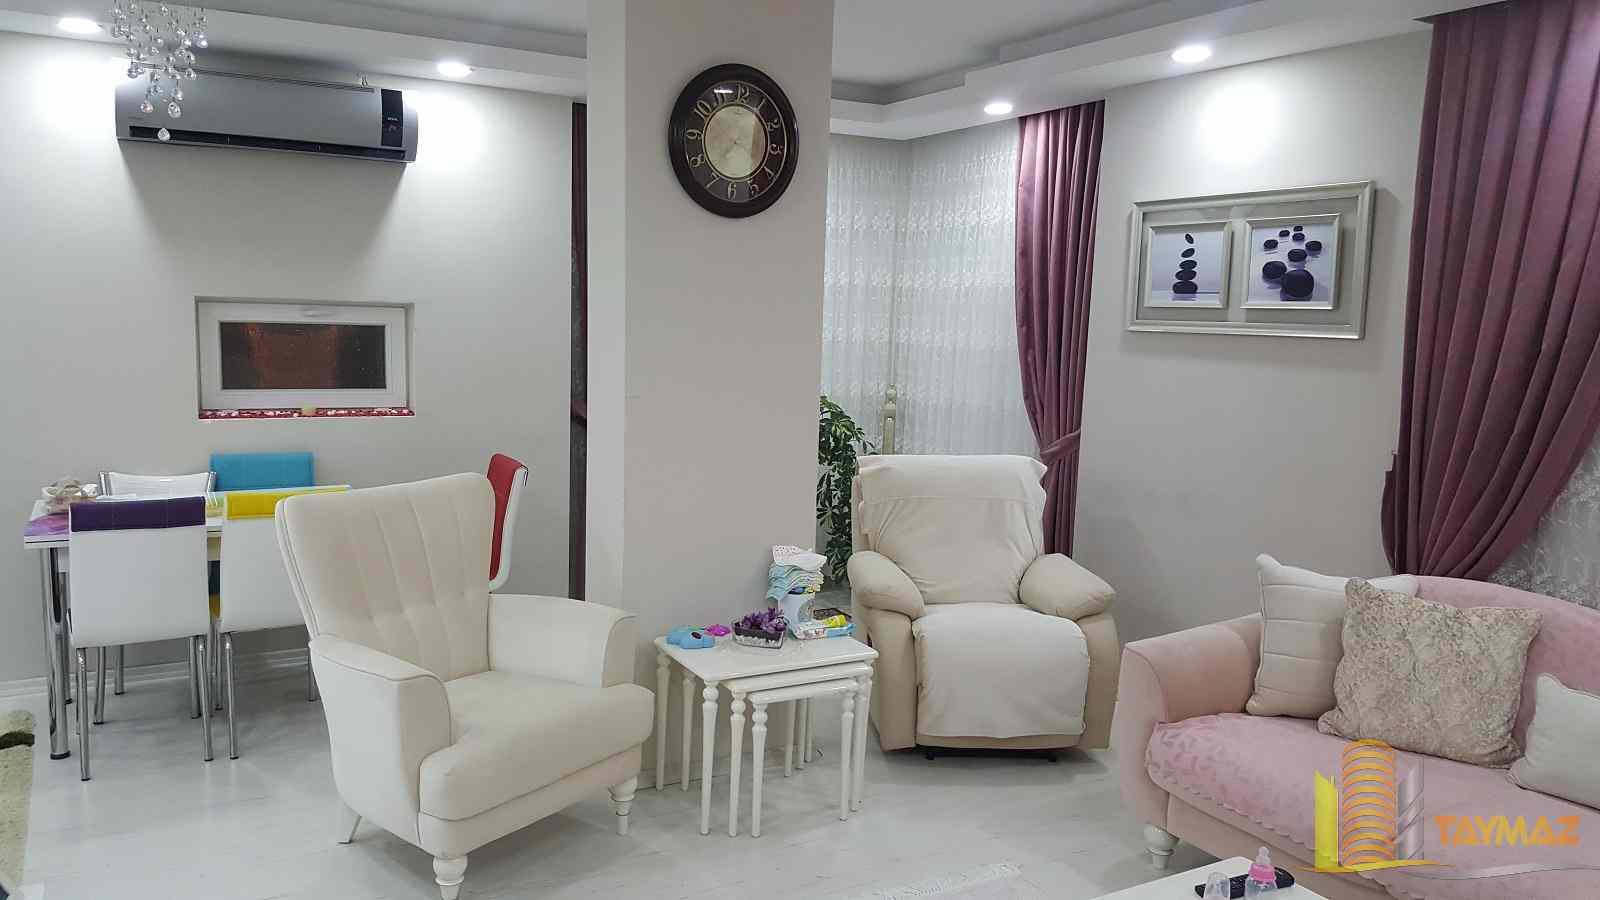 آپارتمان فروشی در آنتالیا